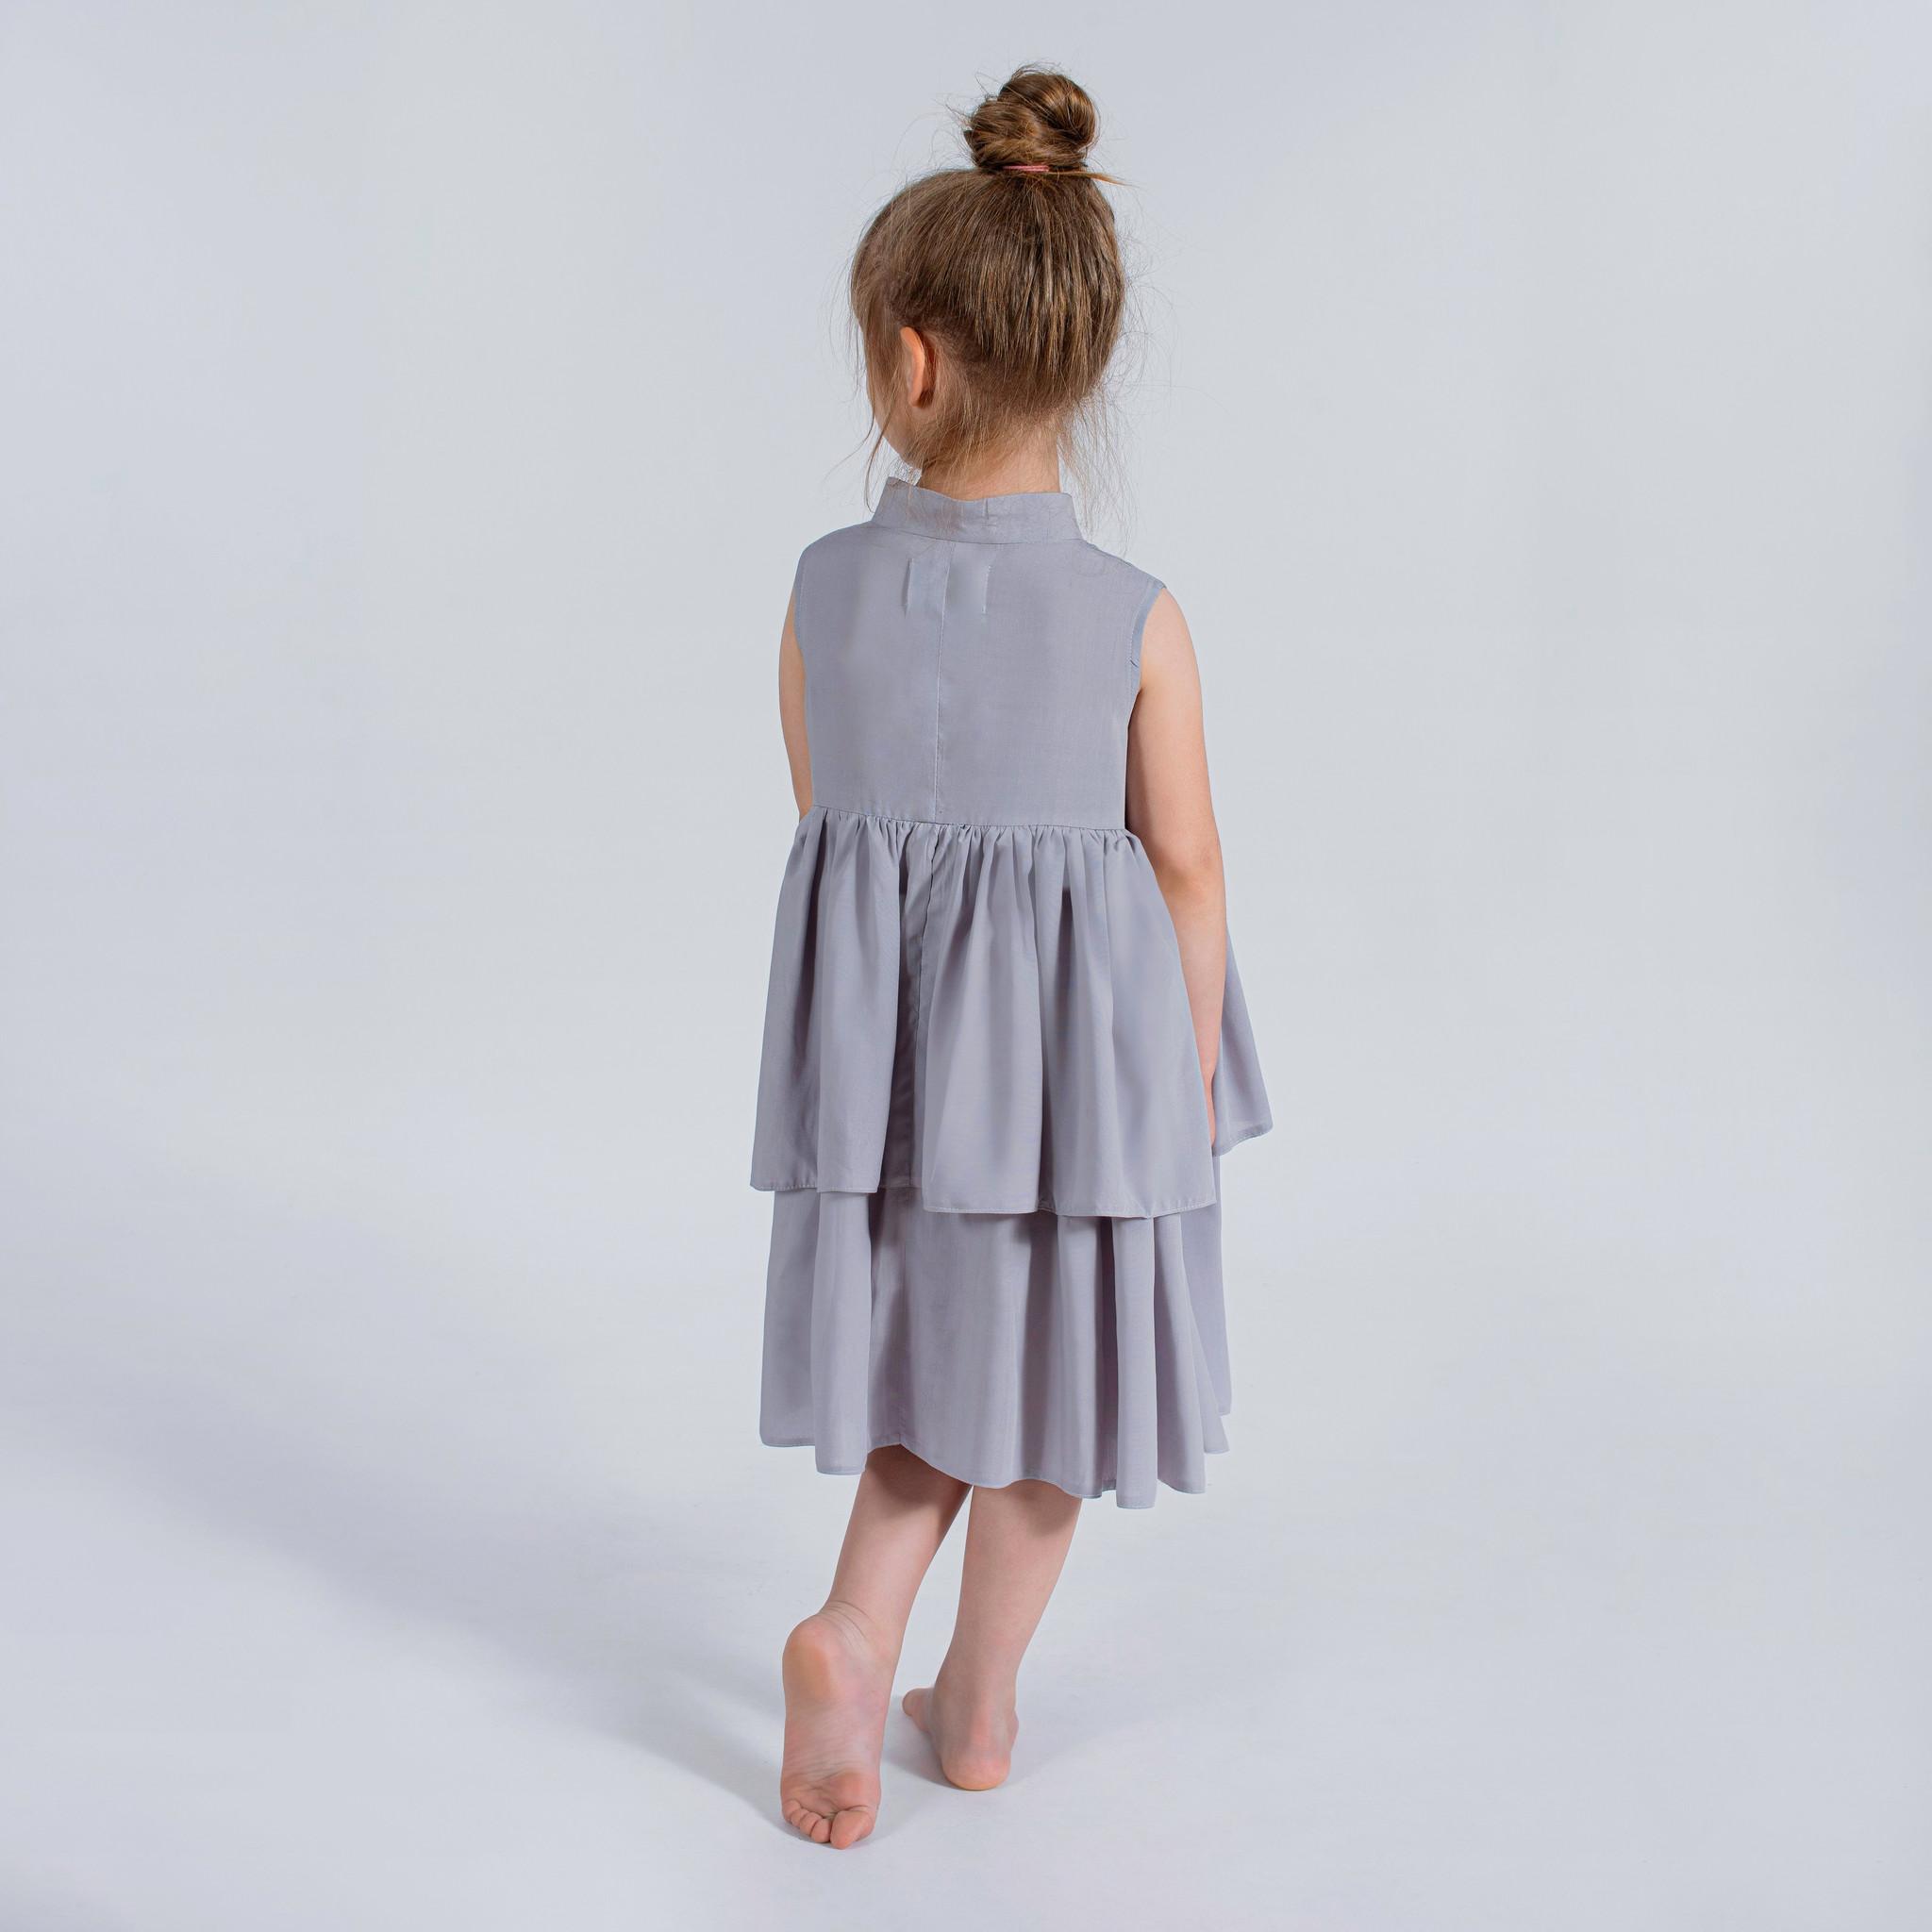 Sukienka srebrzysta - Domino.little.dress | JestemSlow.pl